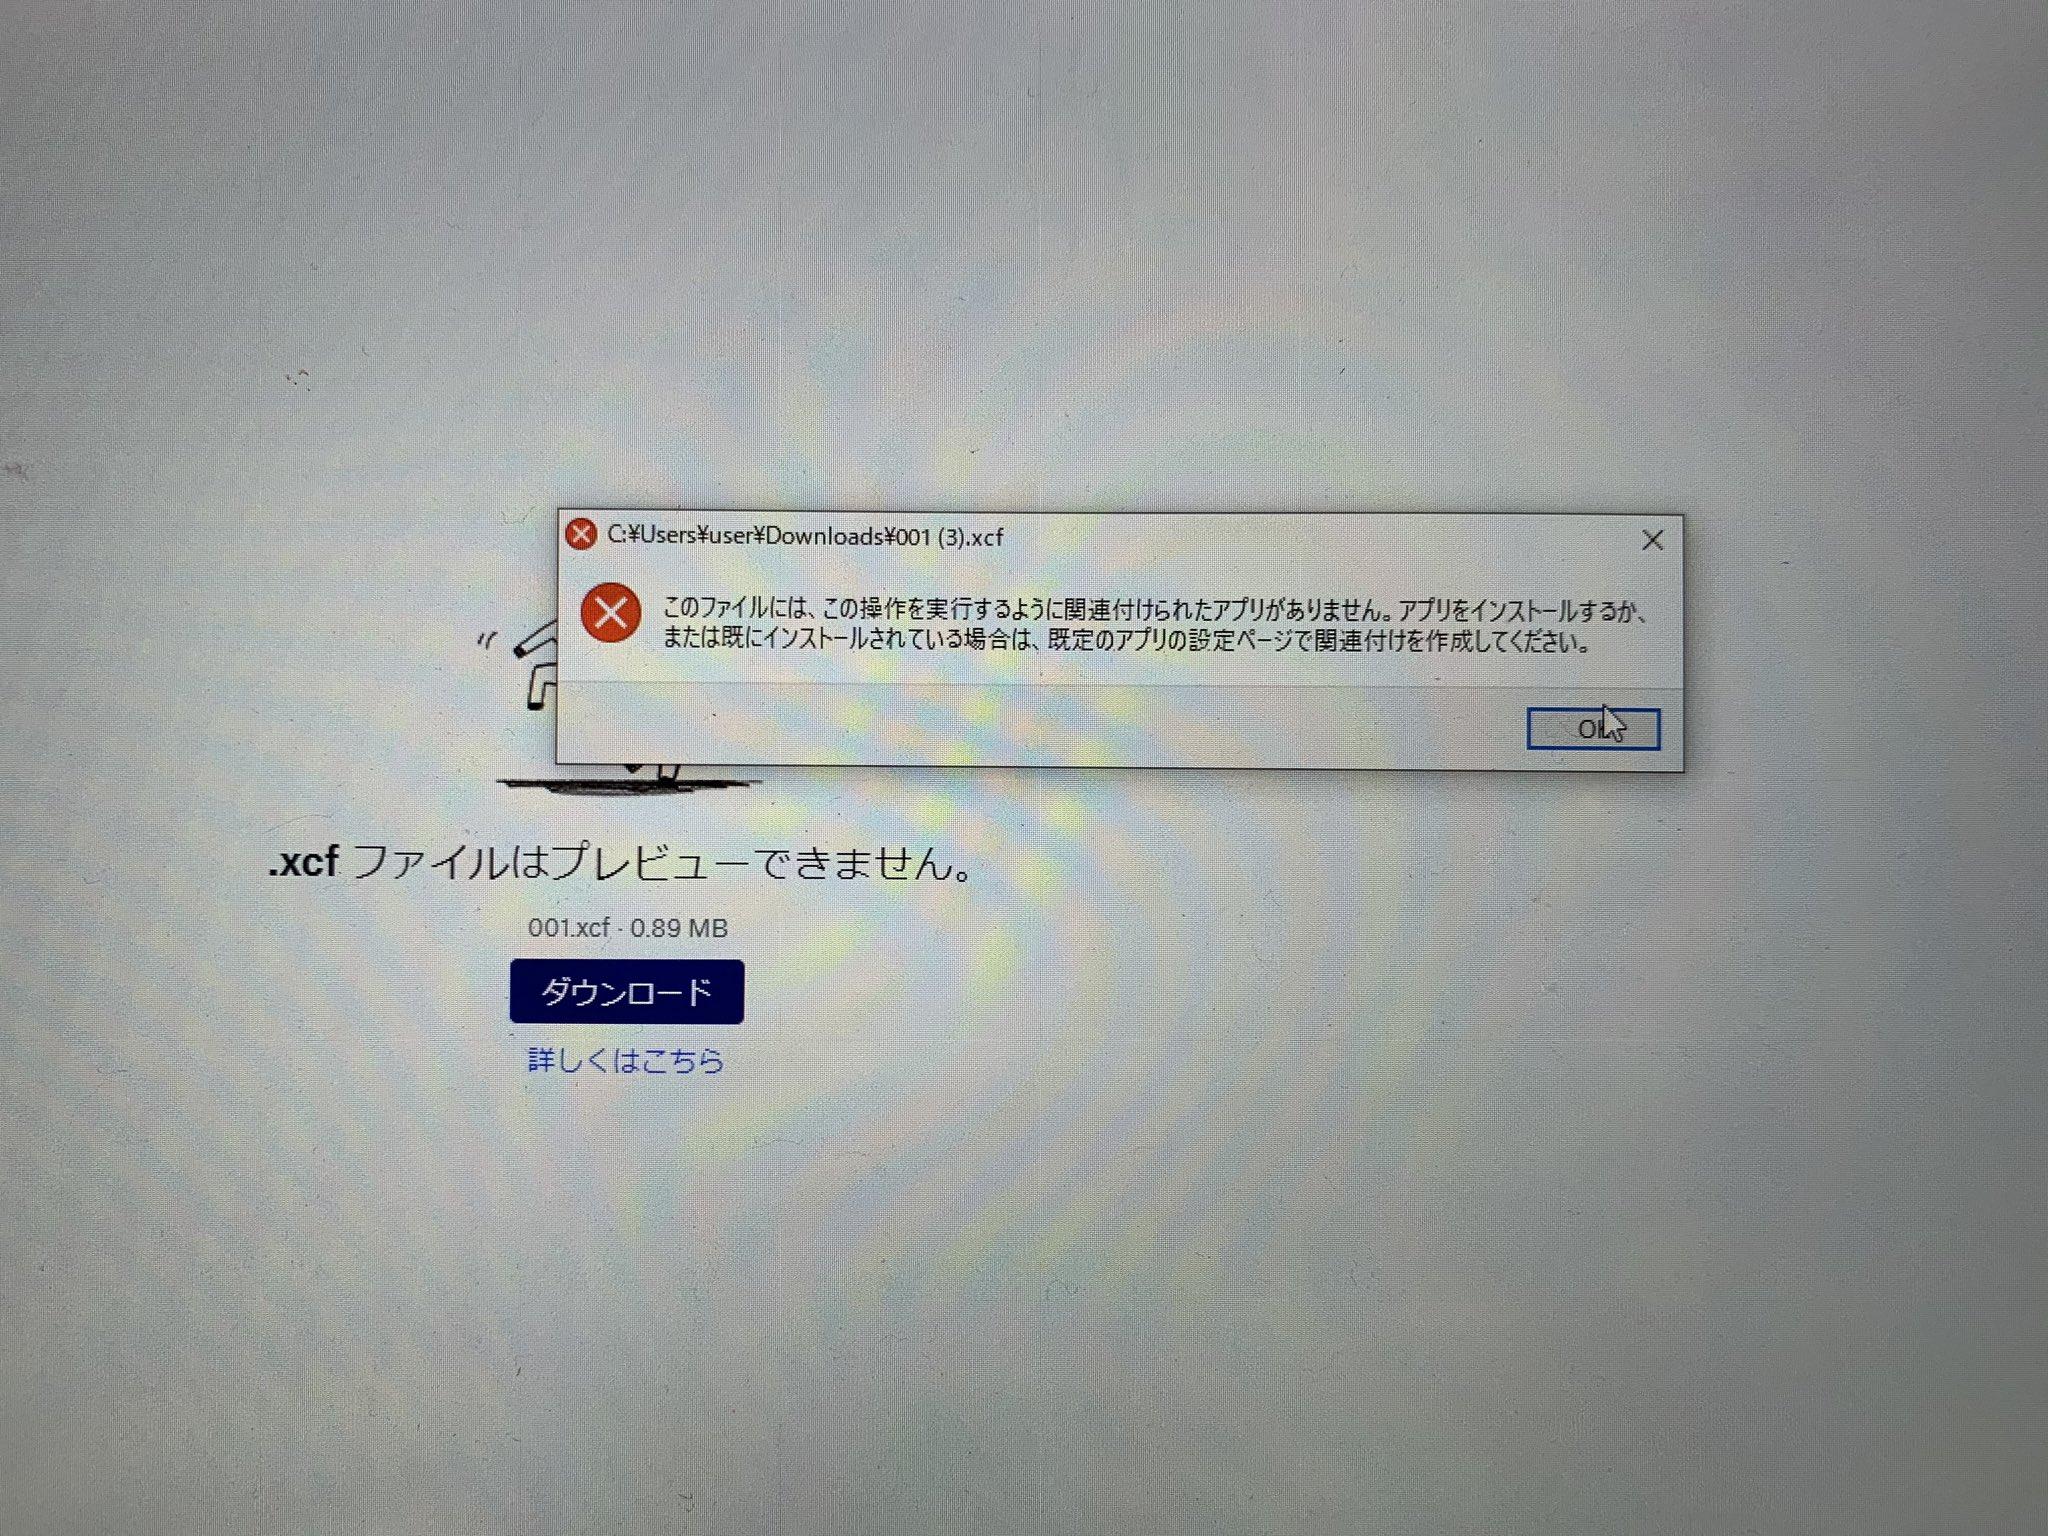 よう に ありません を この た ファイル 操作 が 実行 アプリ られ に は する 関連付け この